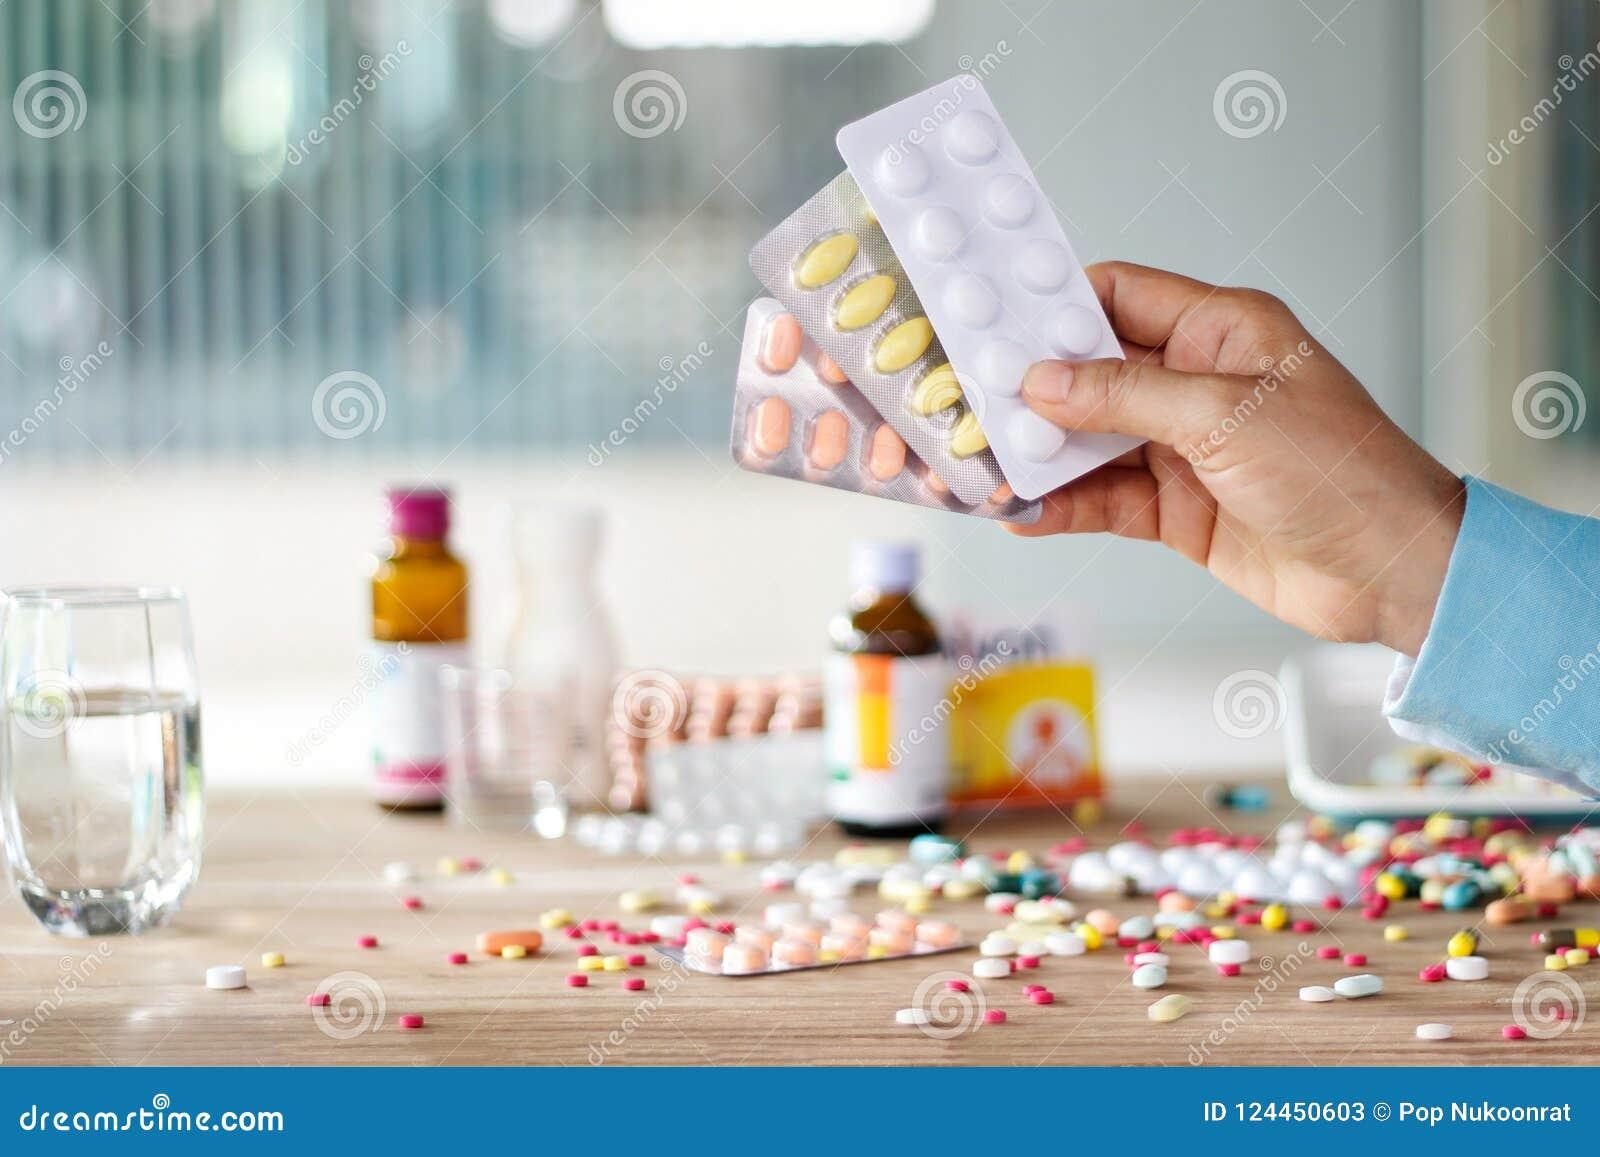 La mano que llevaba a cabo el paquete de la píldora de las medicinas con las drogas coloridas se separó encendido